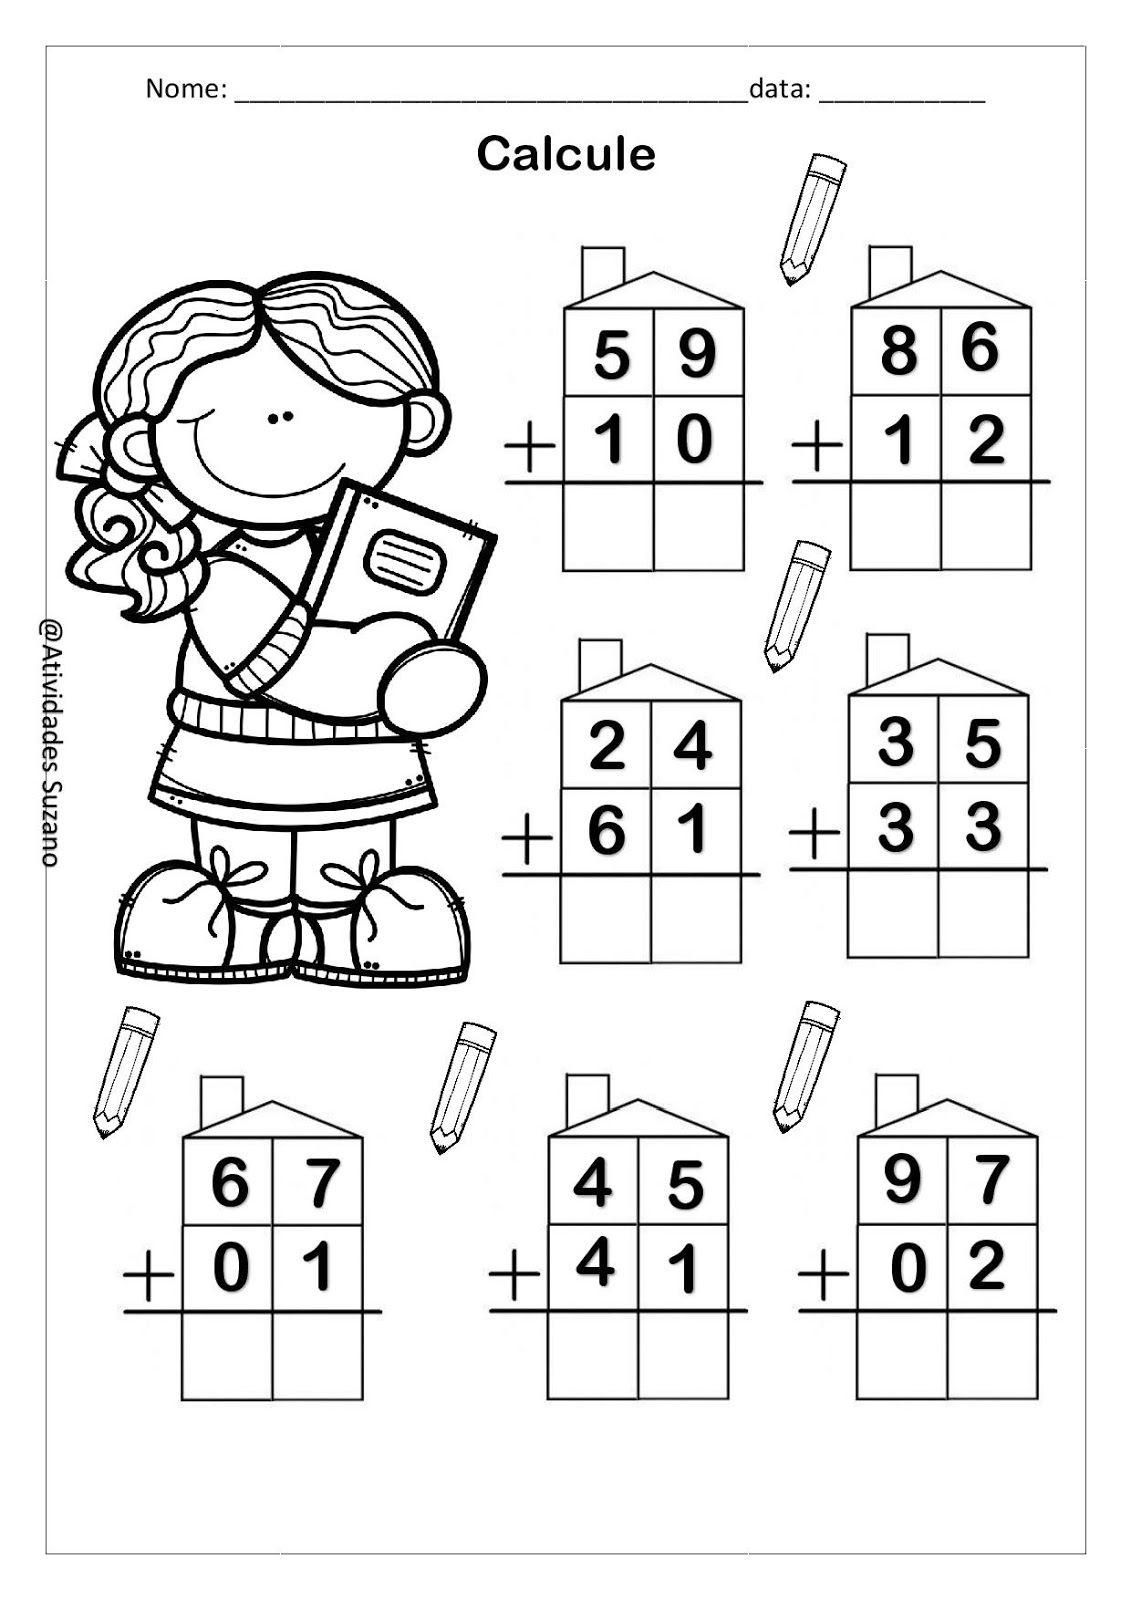 Matematica Ludica 2o Ano Operacao E Labirinto